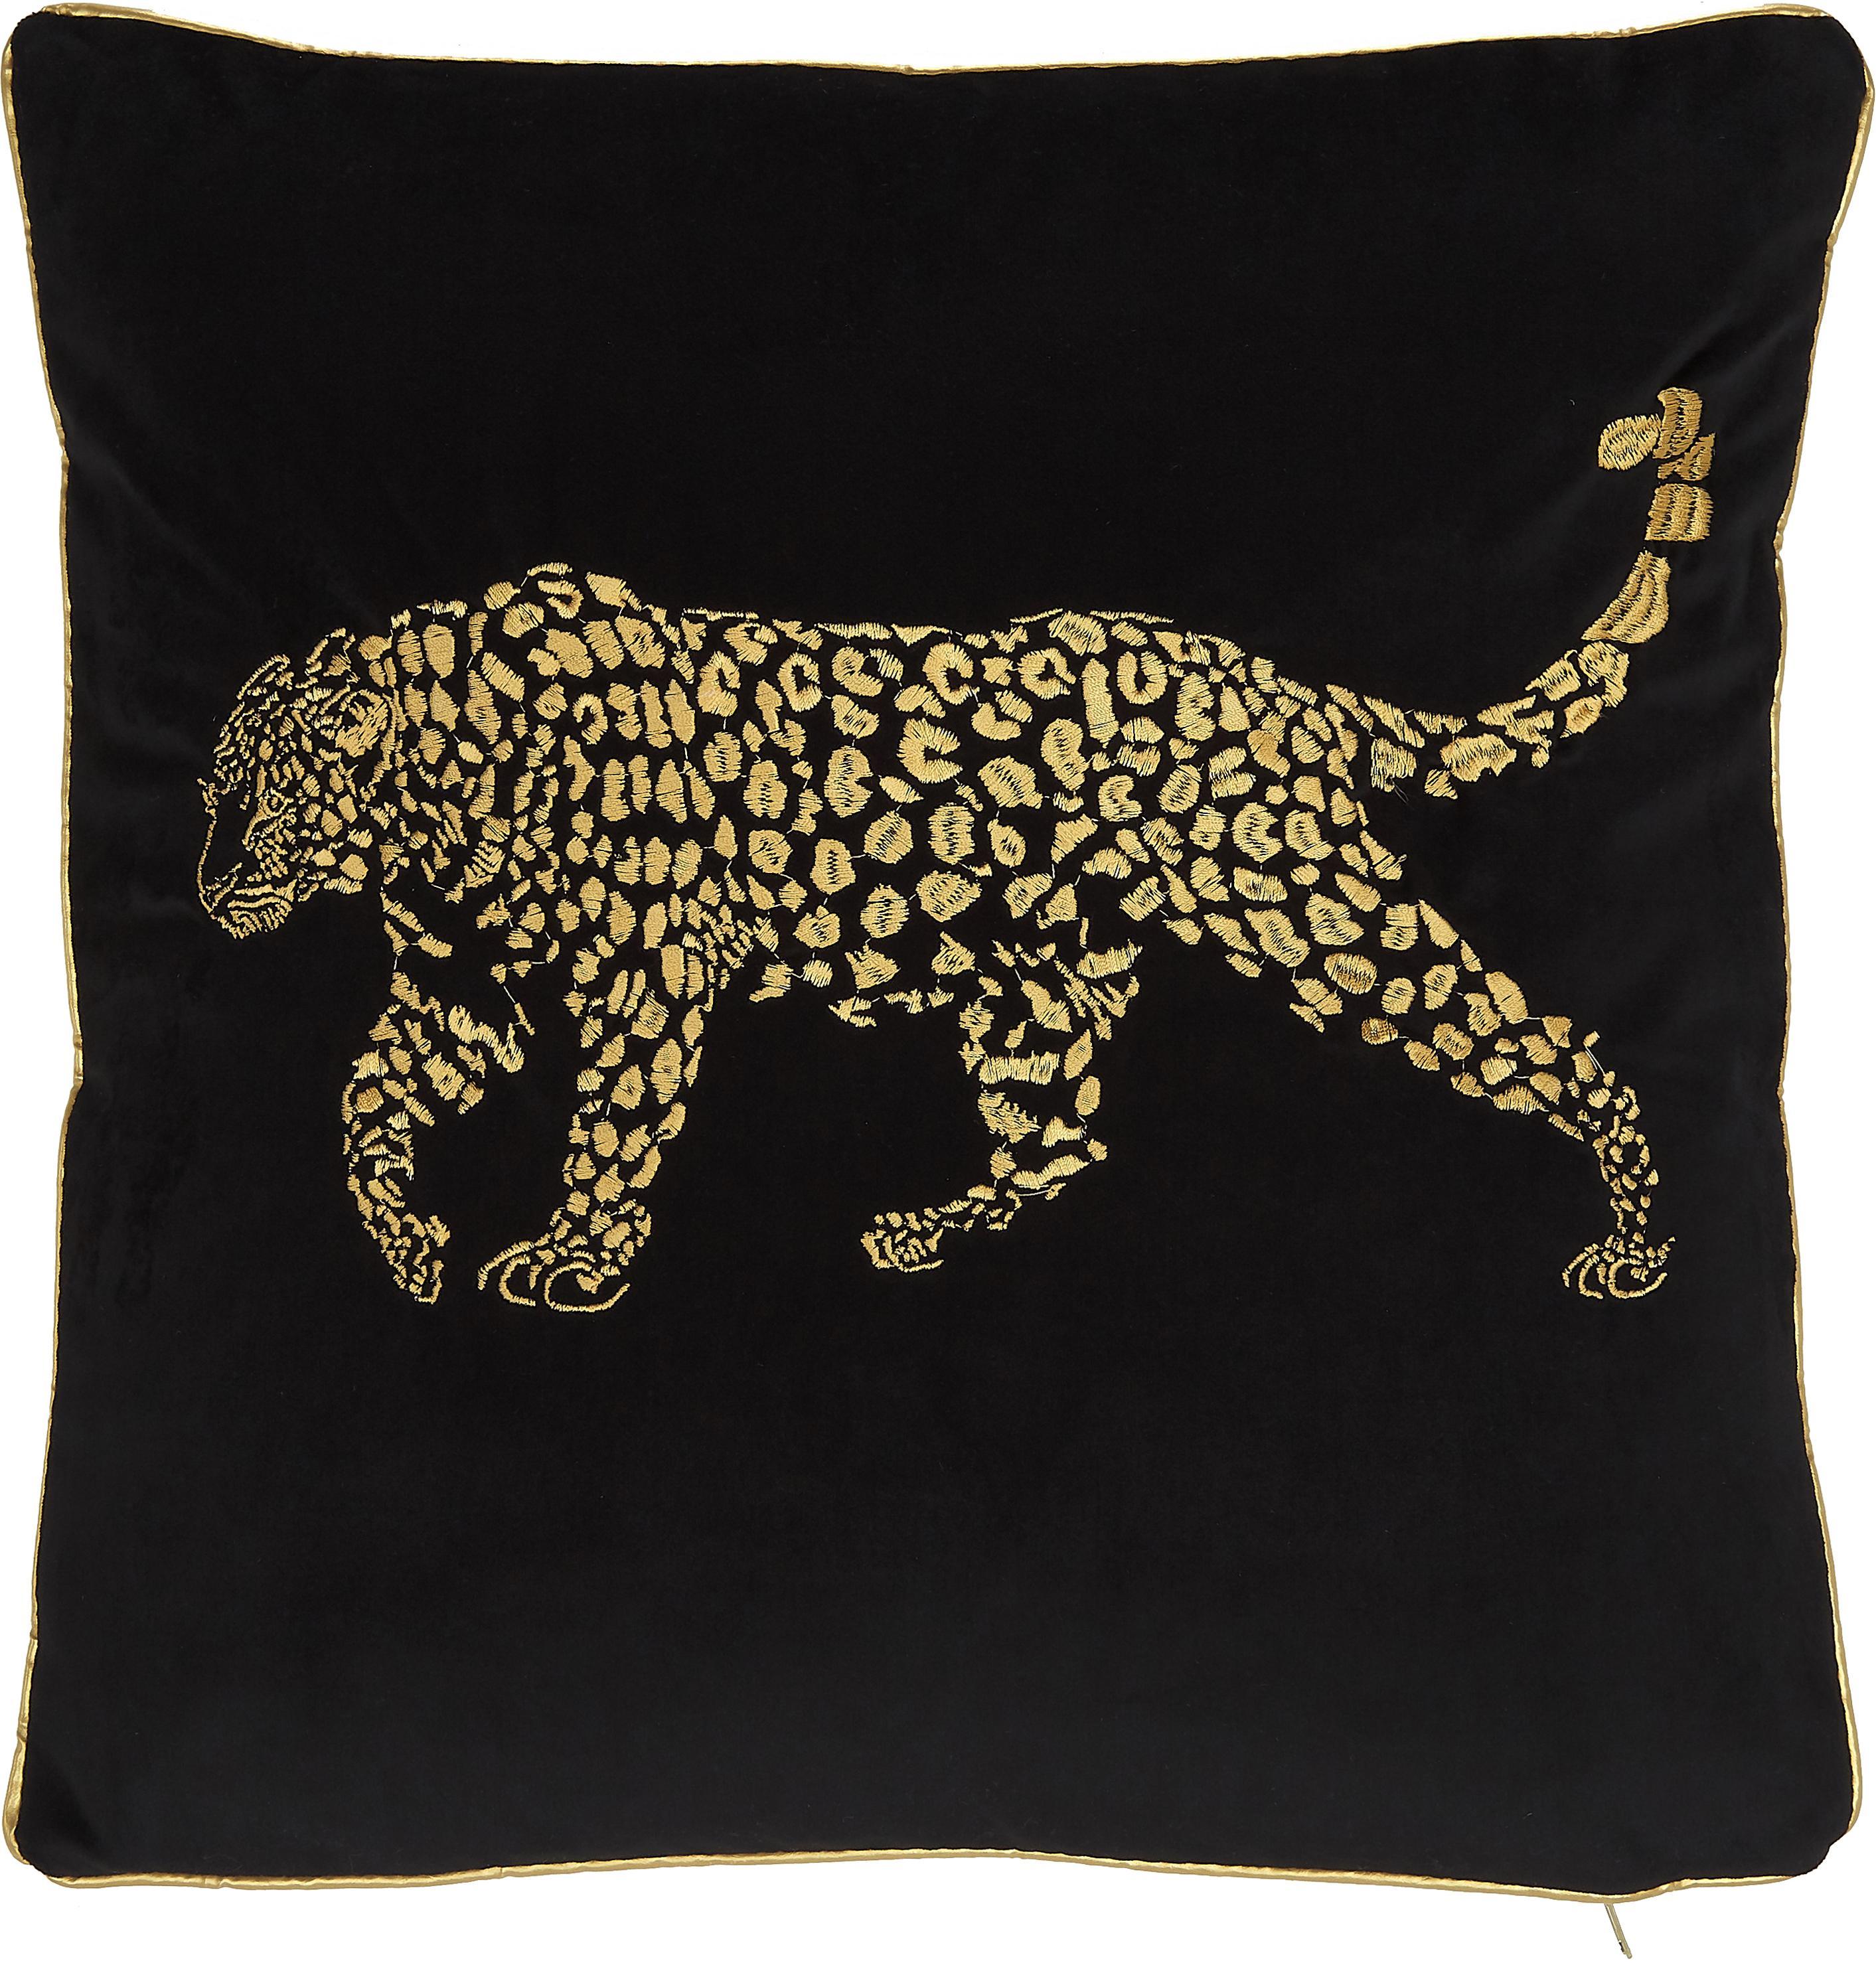 Besticktes Samt-Kissen Majestic Leopard in Schwarz/Gold, mit Inlett, 100% Samt (Polyester), Schwarz, Goldfarben, 45 x 45 cm